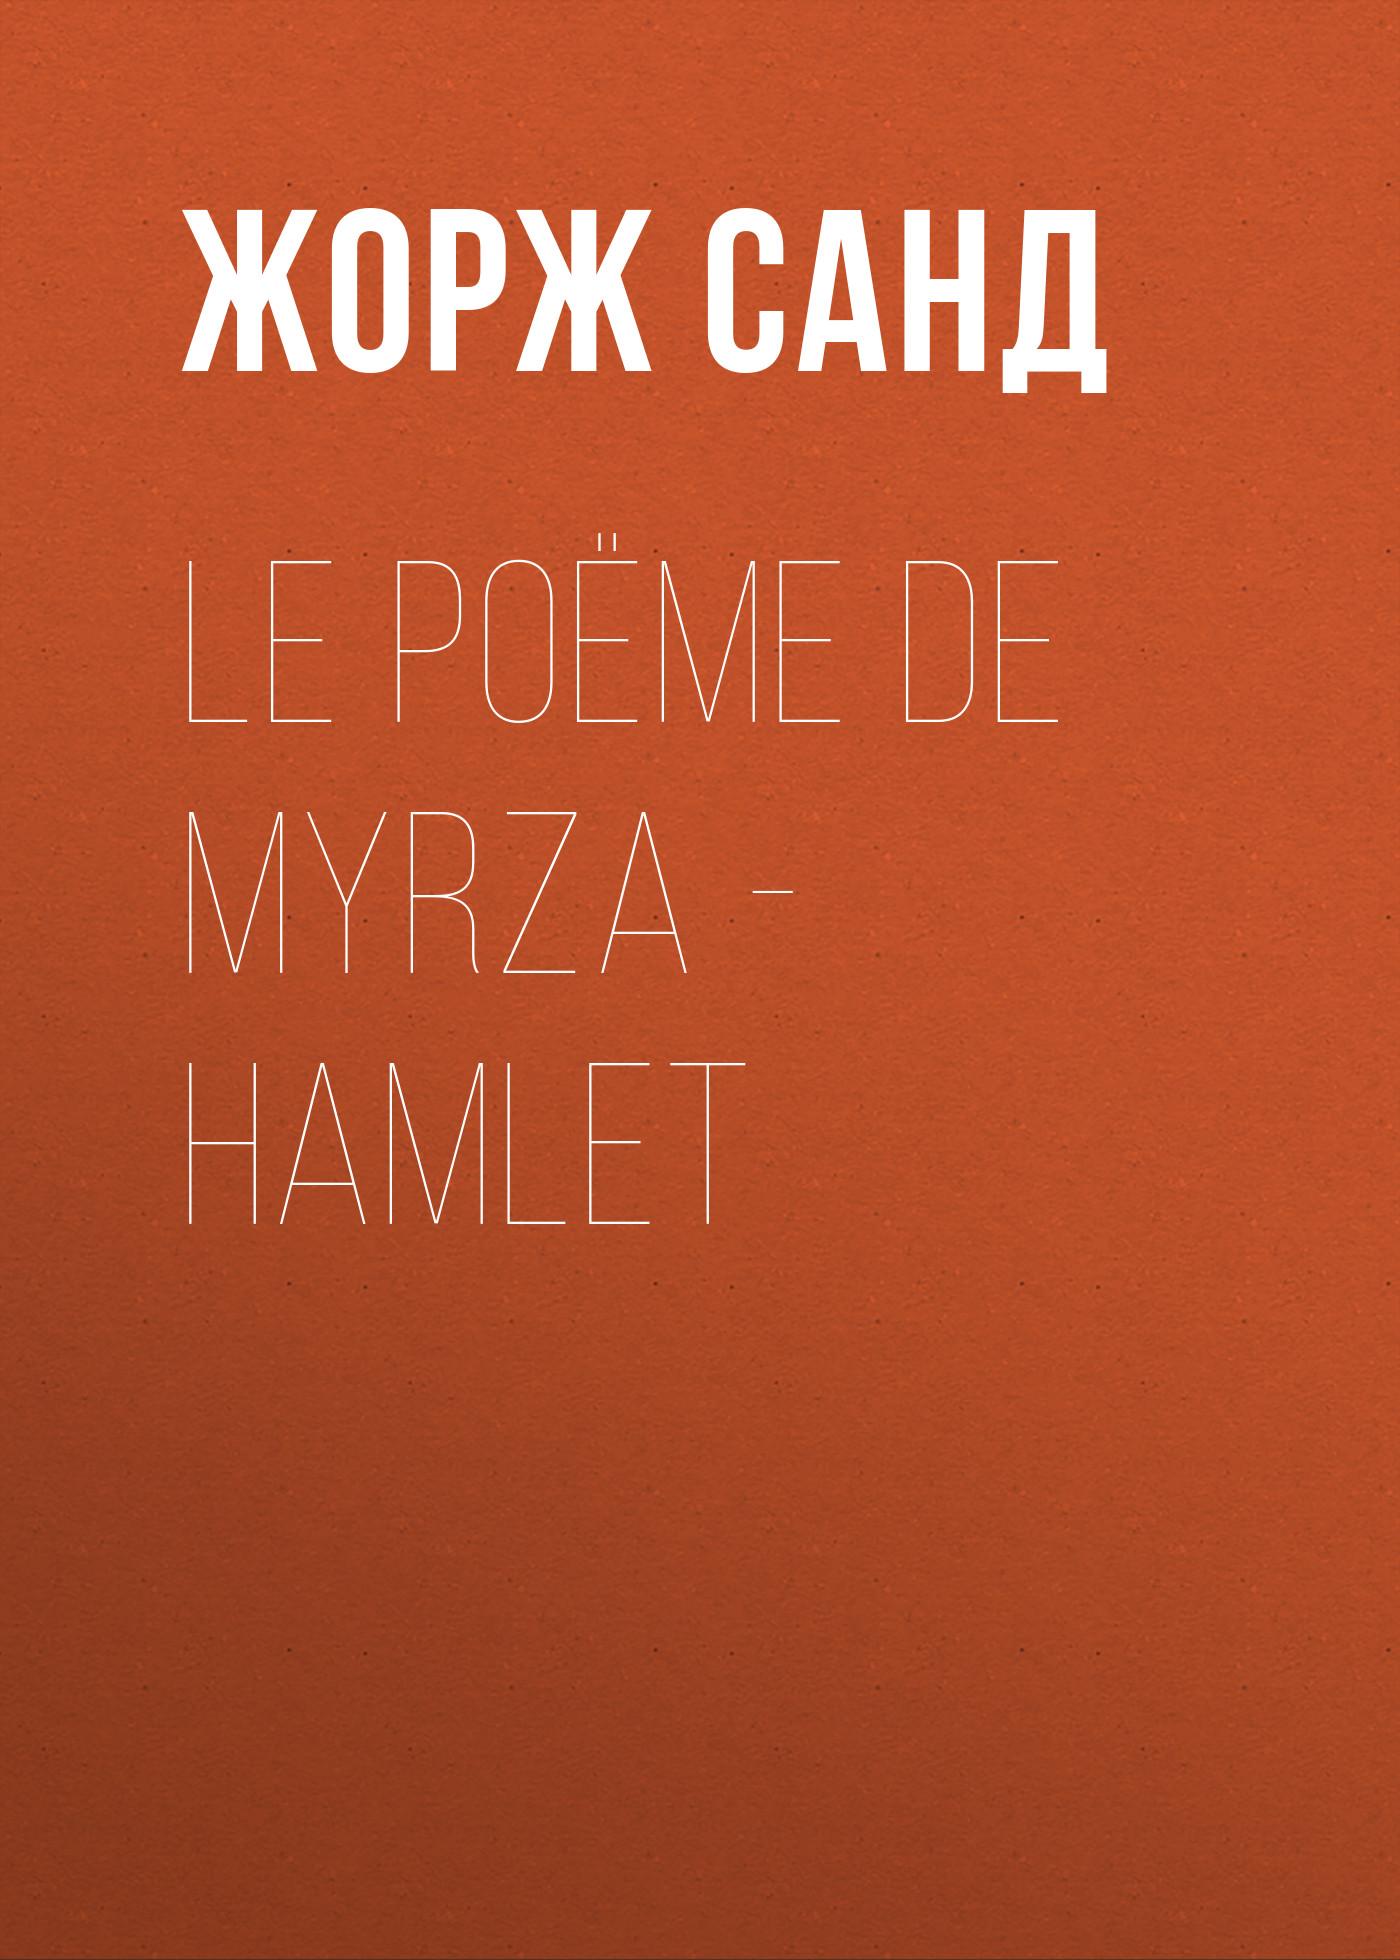 le poeme de myrza hamlet